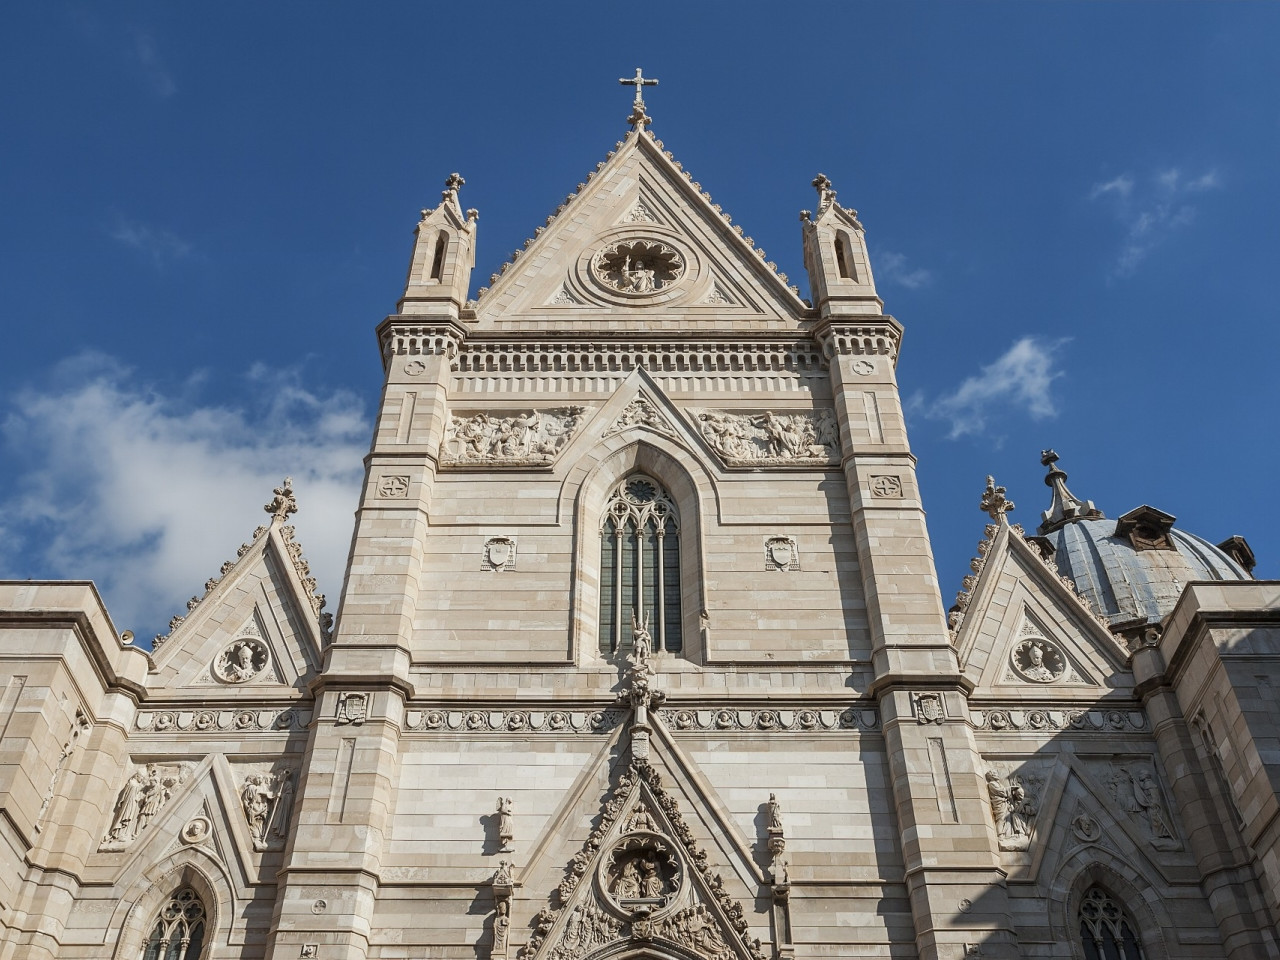 Naples private tour - Saint Gennaro Duomo